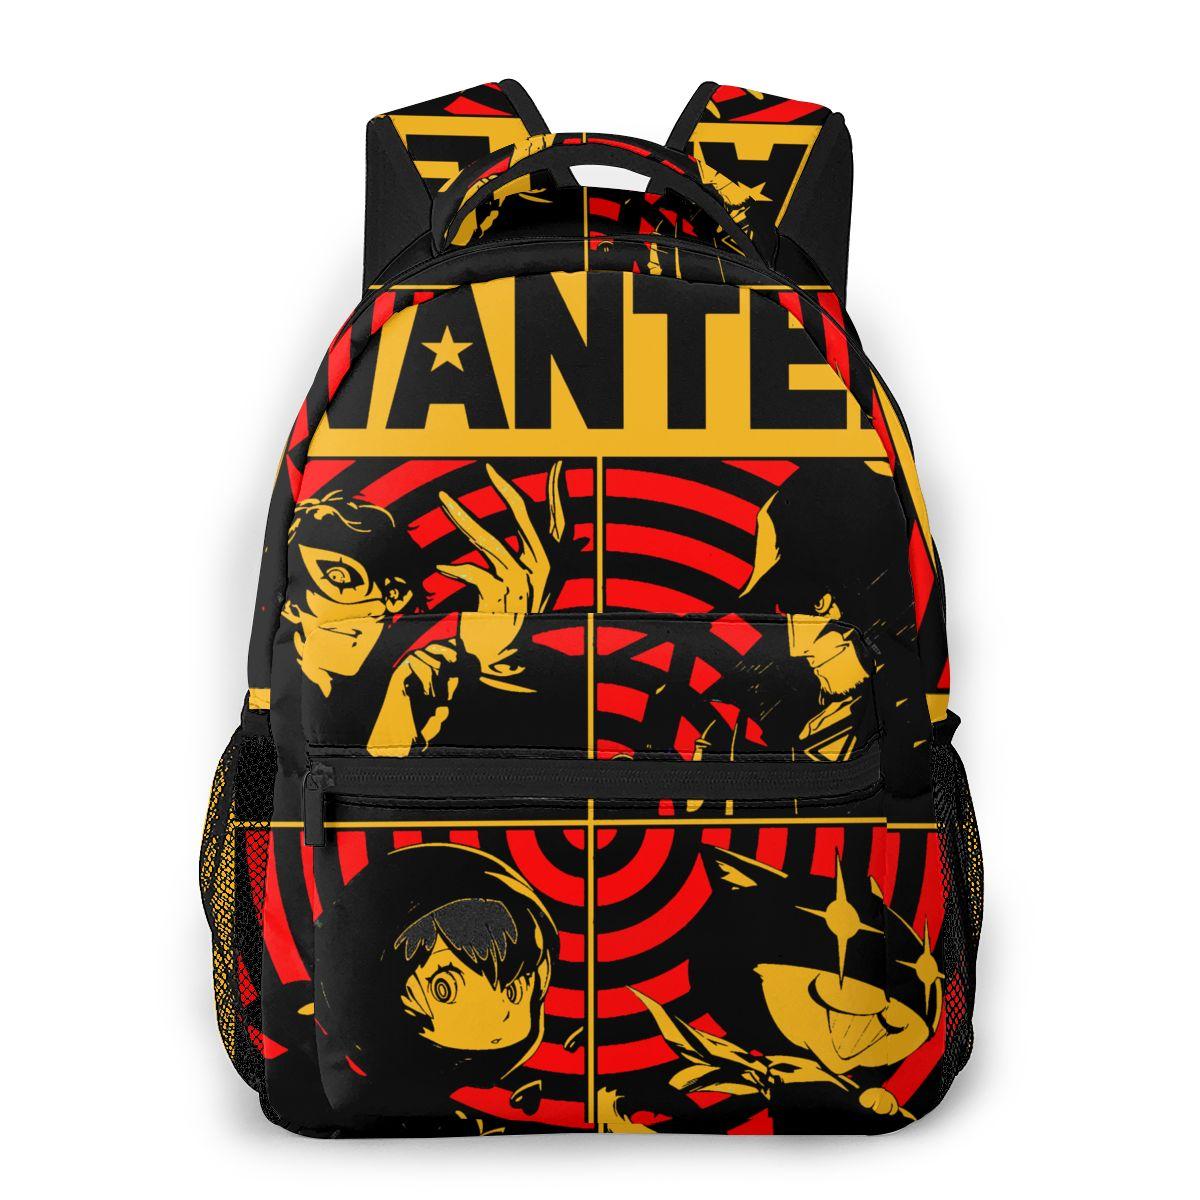 مطلوب ملصق للمراهقين حقيبة مدرسية الصغار حقيبة شخصية 5 الألعاب الملكية P5S حقيبة للسفر حقائب الظهر للبنين والبنات